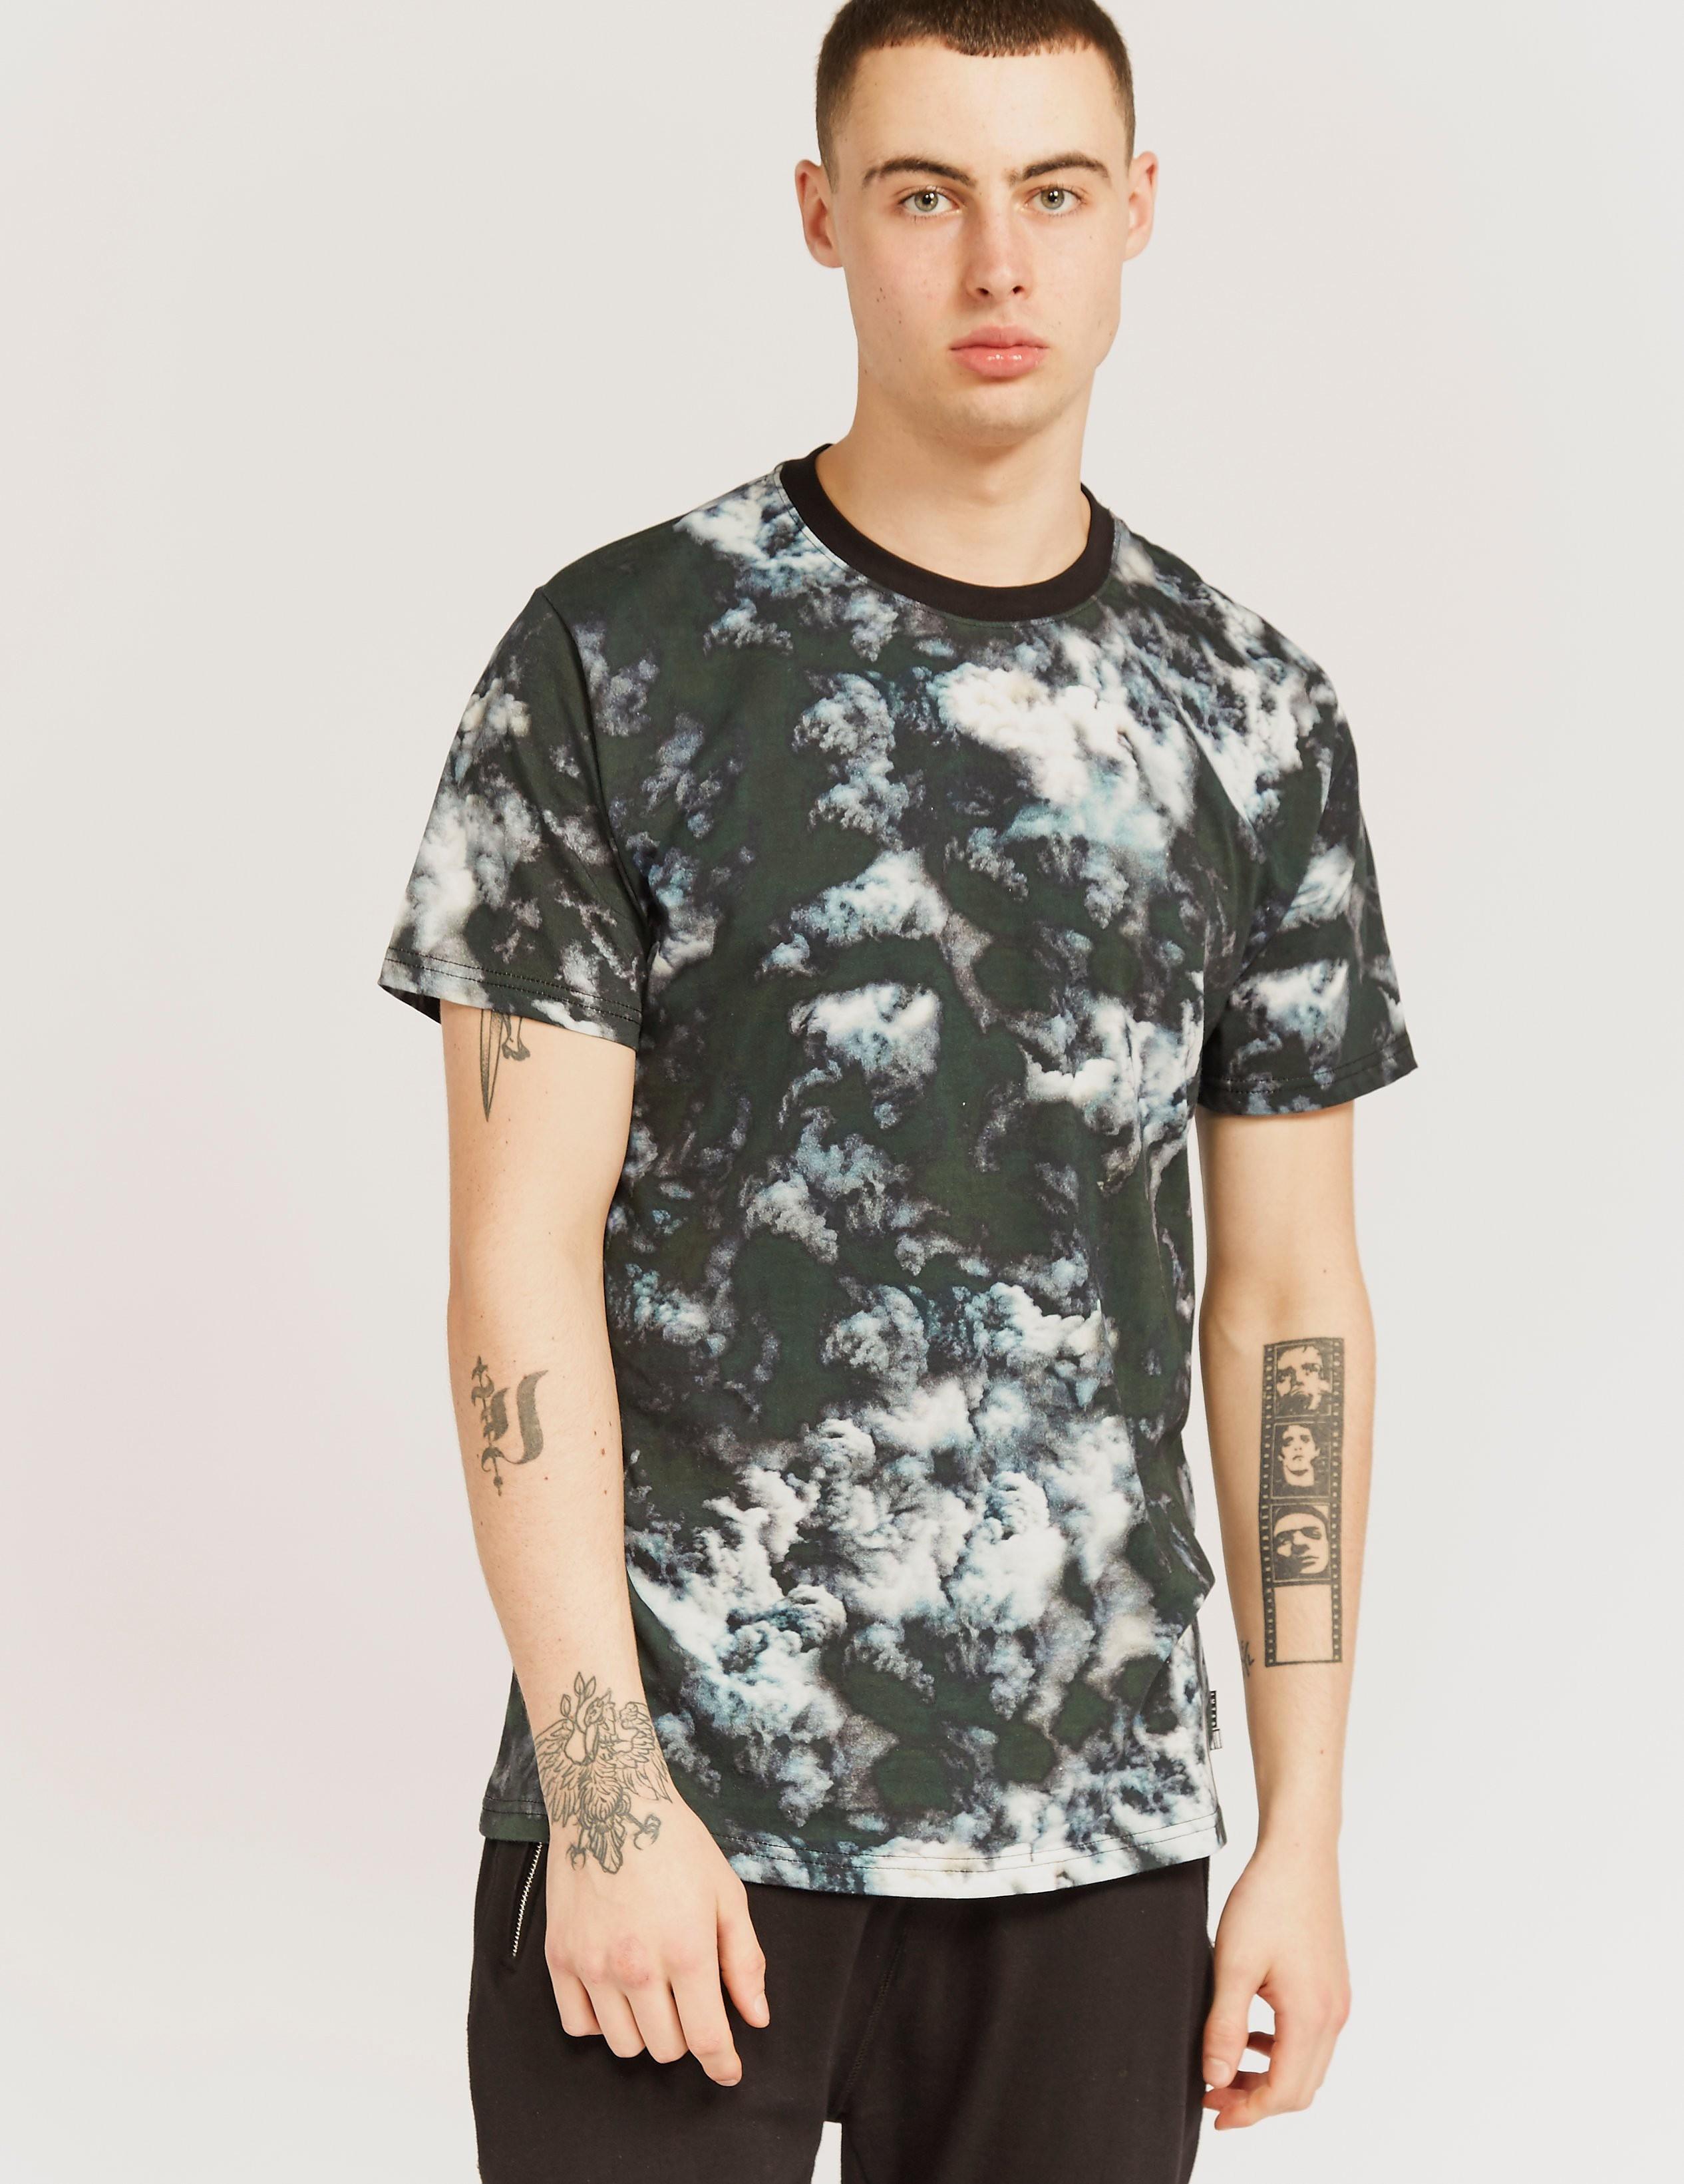 IUTER Storn T-Shirt